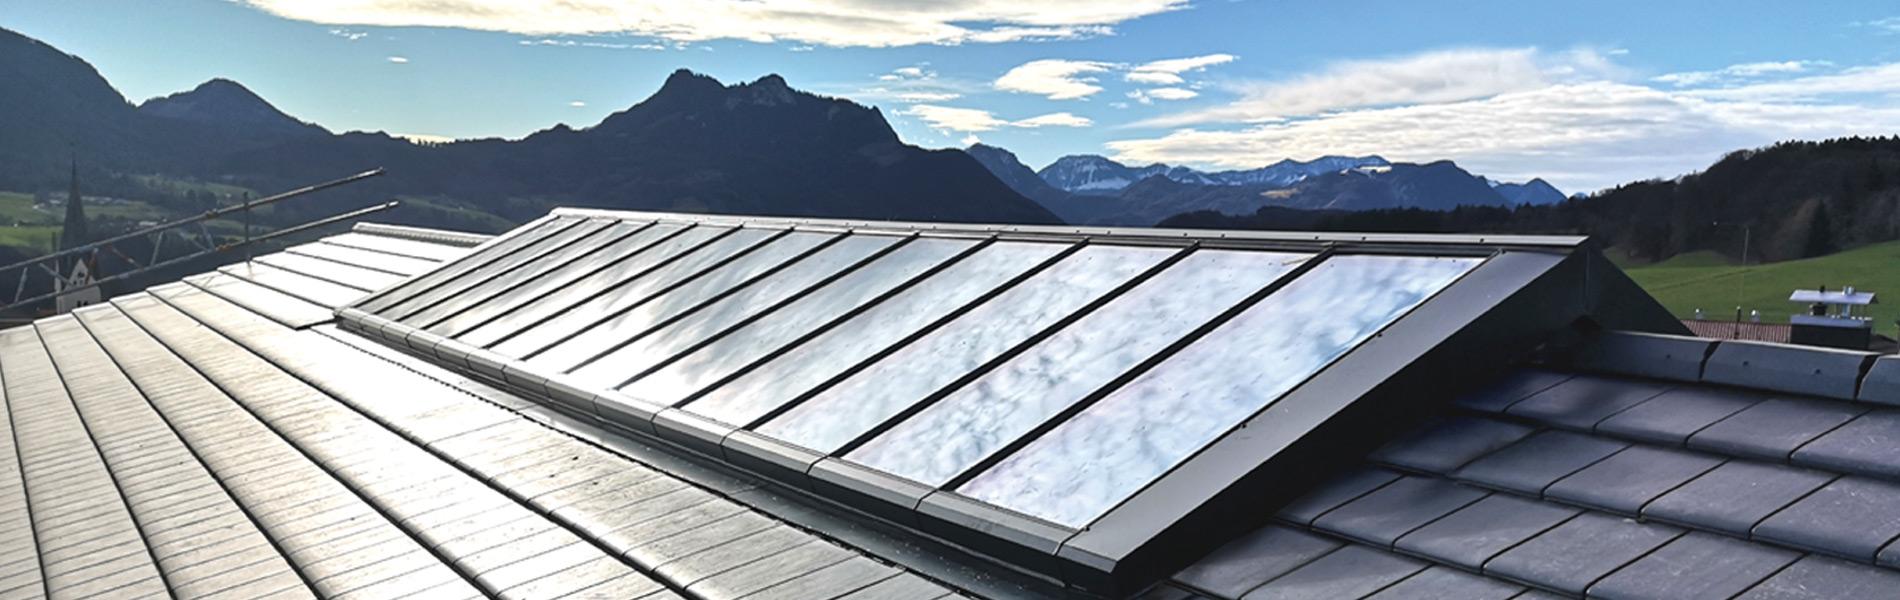 Überfirstverglasung bei Dachneigungen von 30° und 45°